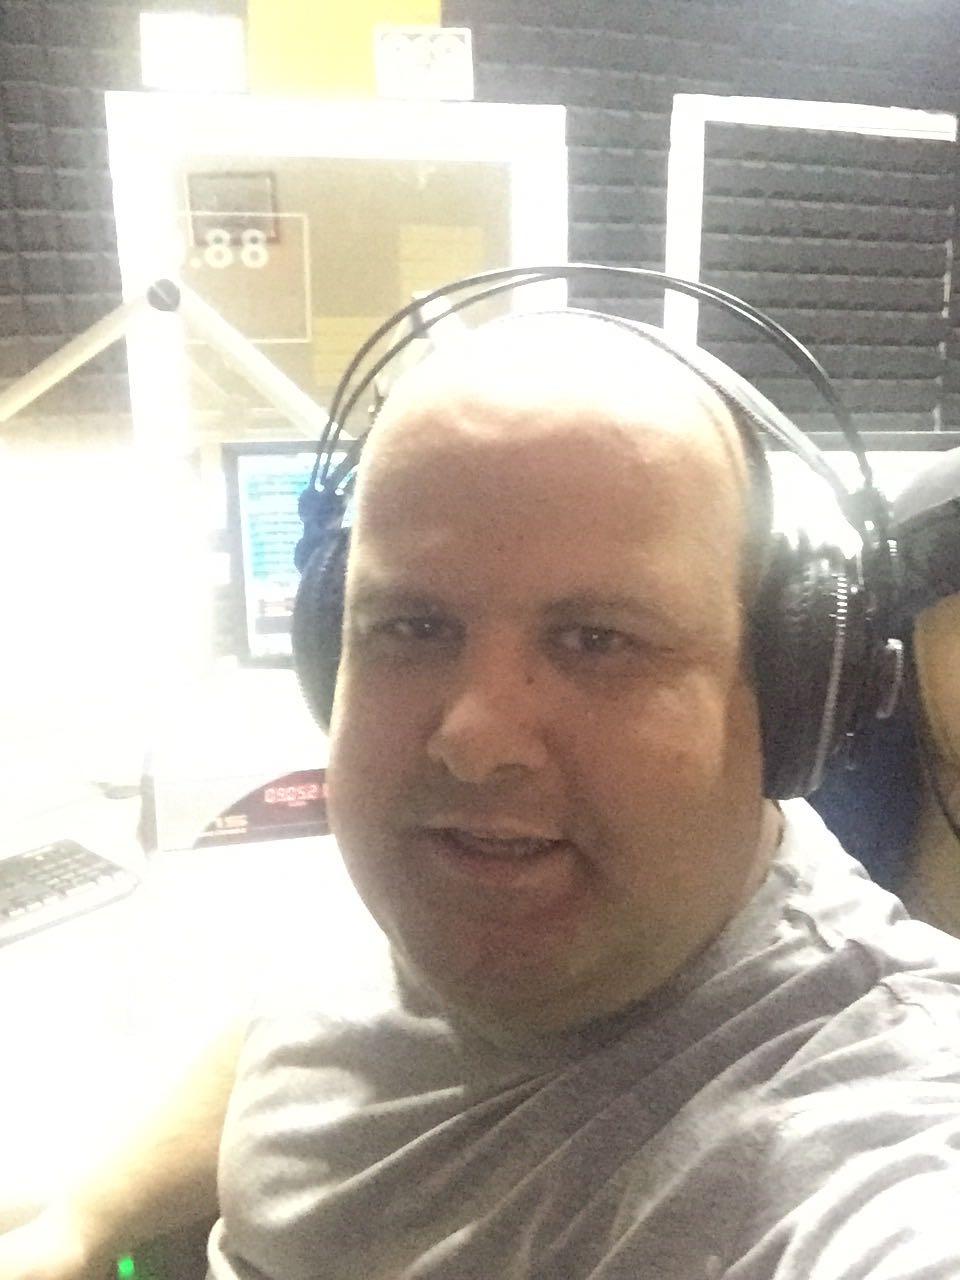 Radyo 34'ten Star Artı FM'e Radyocu Transferi!…